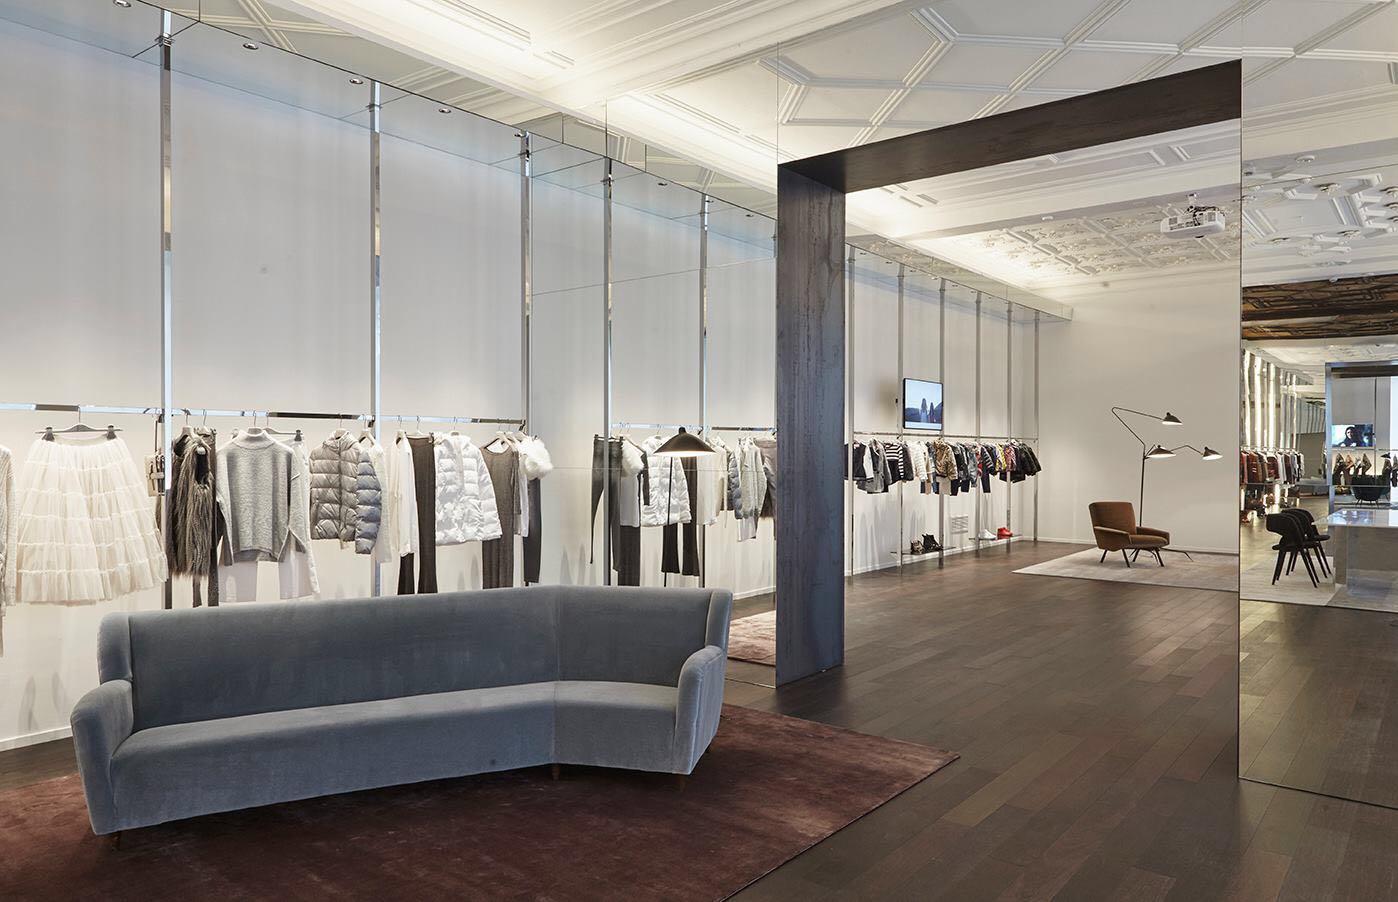 ovs showroom effebi spa. Black Bedroom Furniture Sets. Home Design Ideas